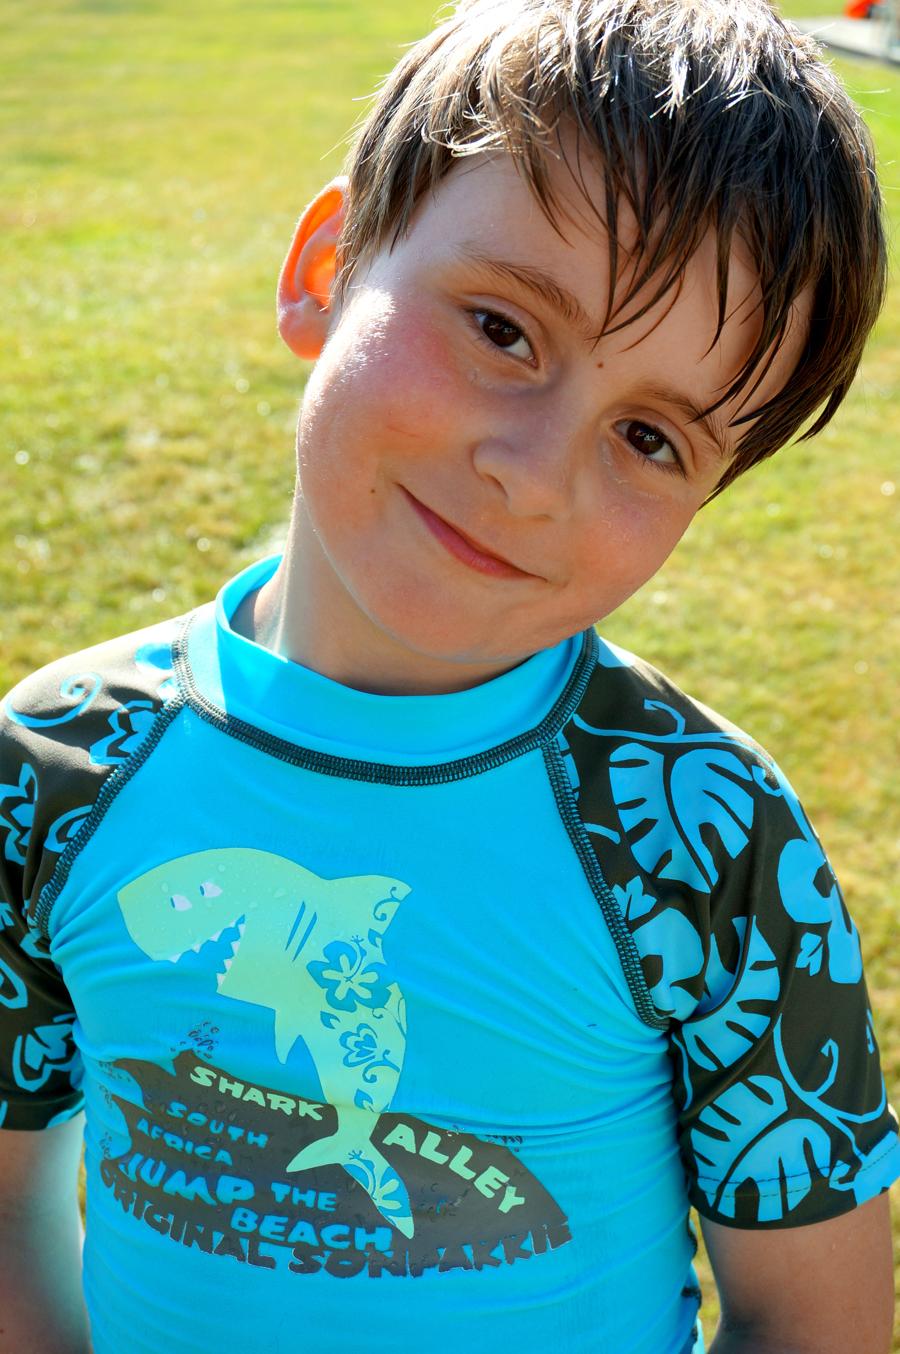 UV-zwemkleding-voor kinderen, beschermende badkleding,sonpakkie uv zwemkleding, zwembroeken voor jongens, badkleding voor jongens